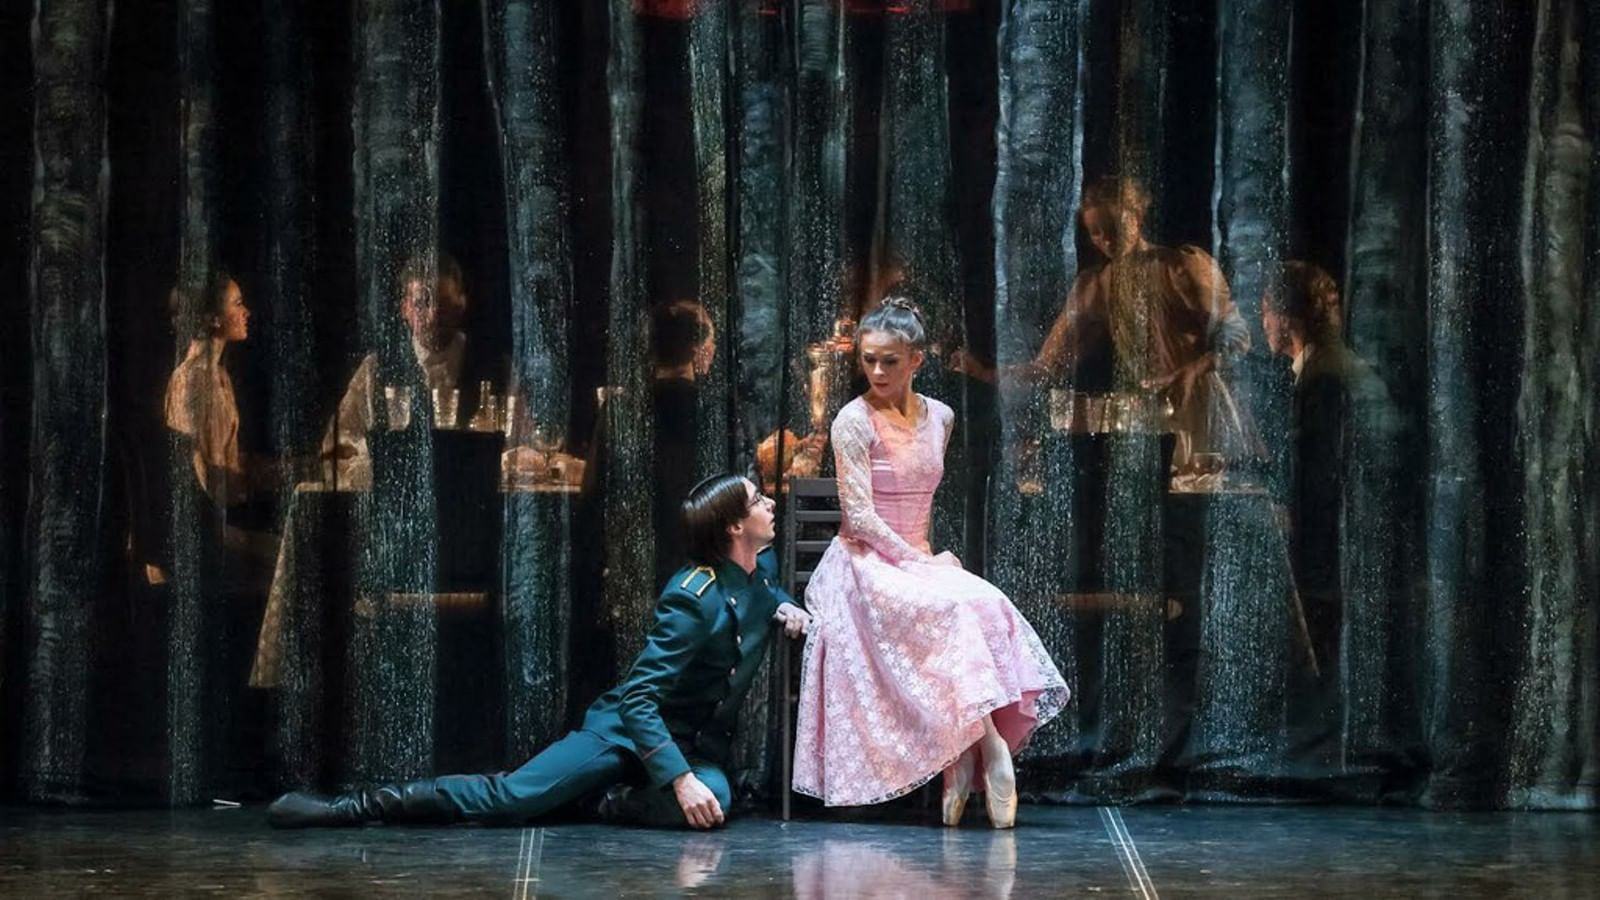 Театр оперы и балета им. П.И. Чайковского. Вечер одноактных балетов «Зимние грезы».